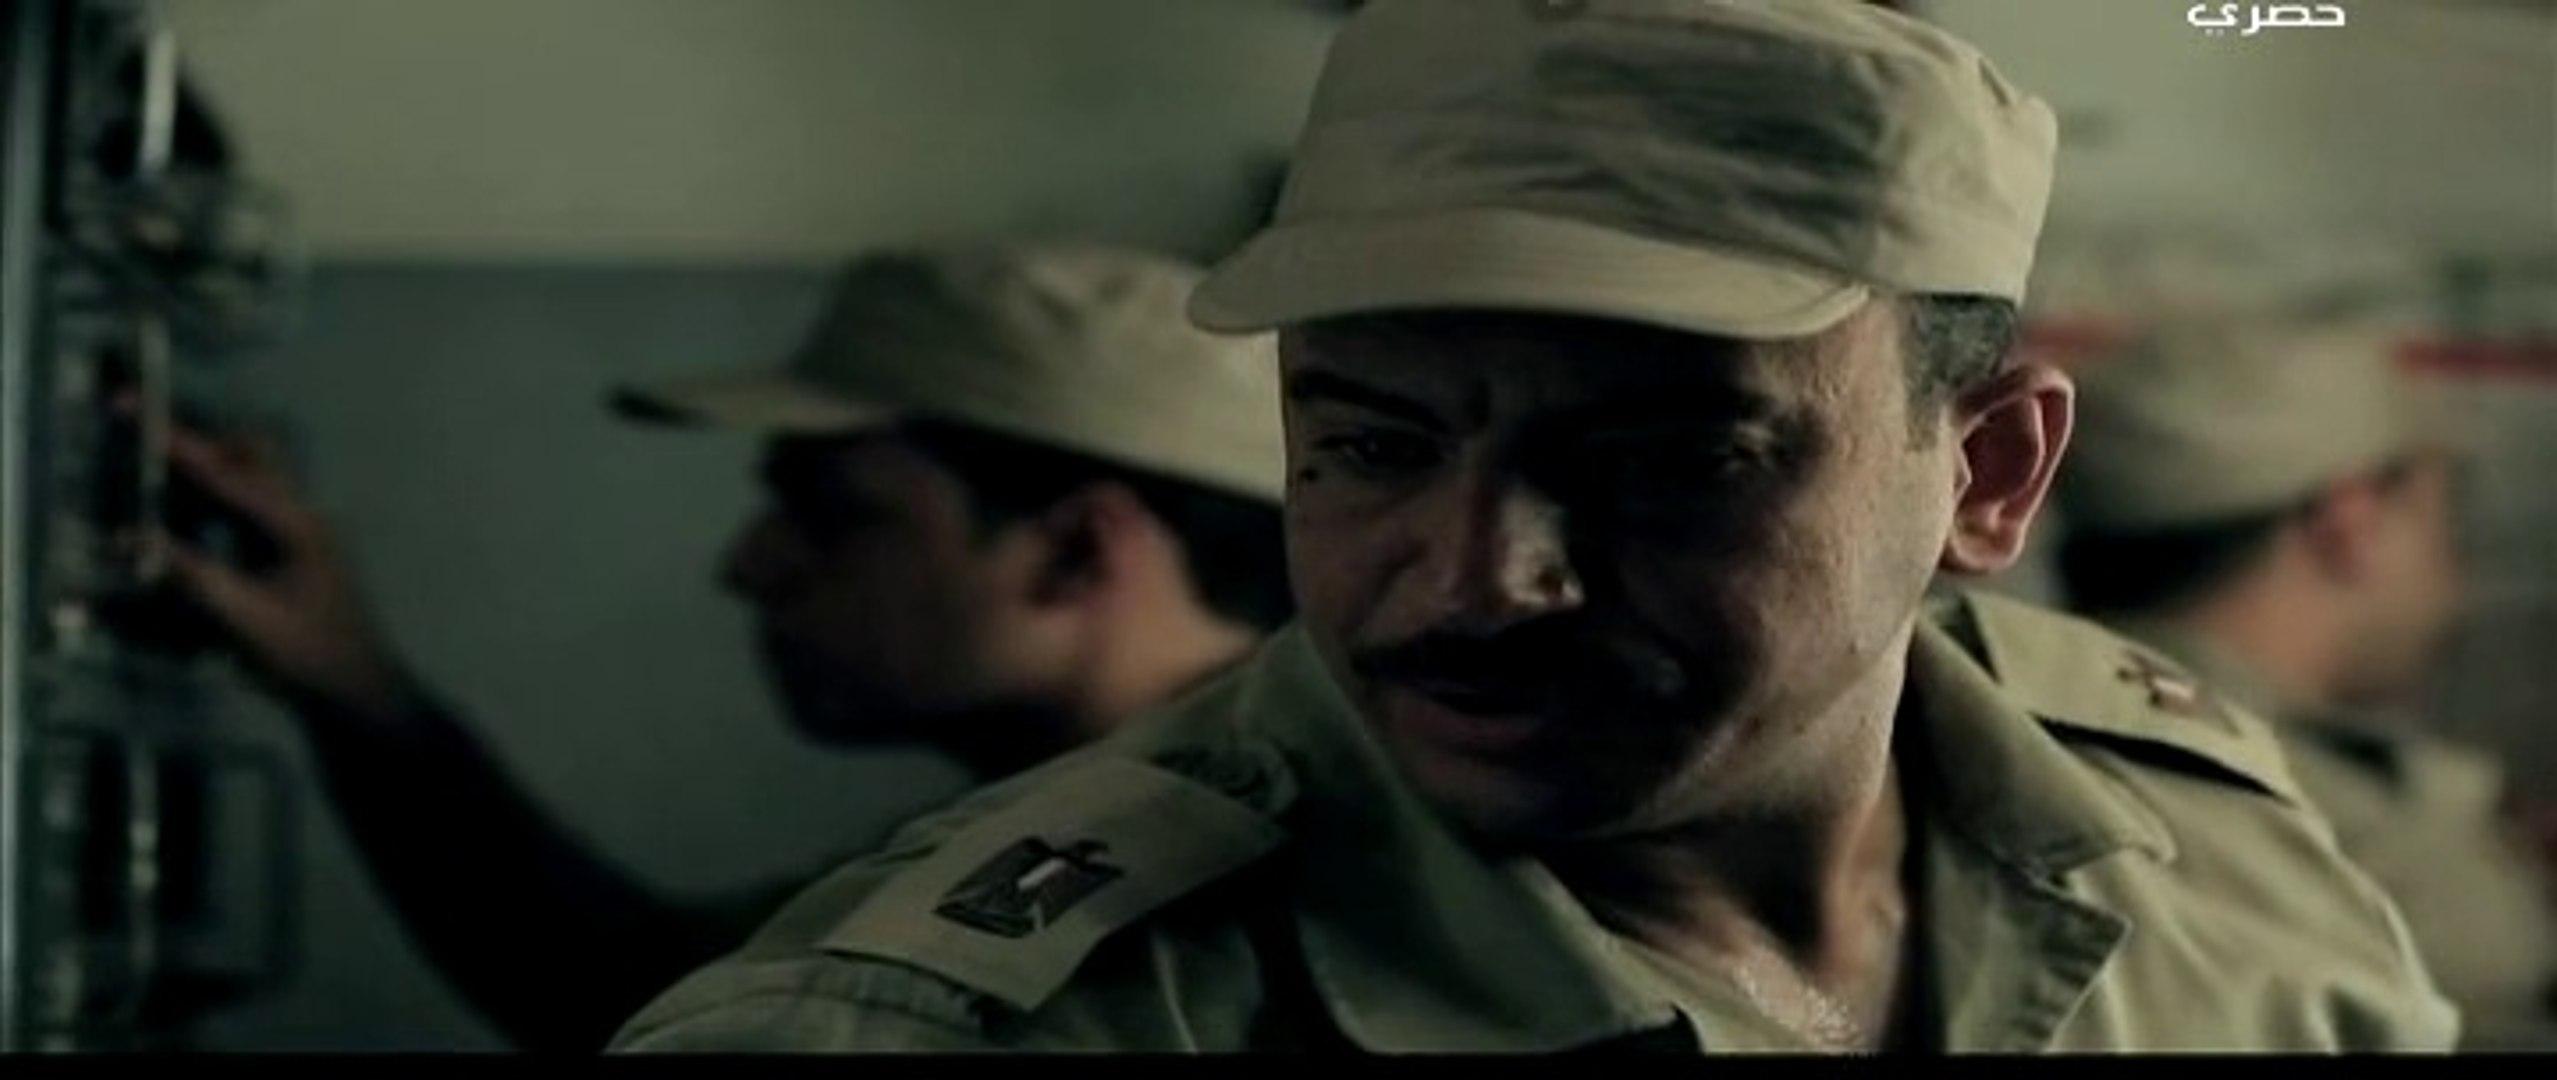 فيلم الكتيبة 418 HD الصراع العربي الاسرائيلي